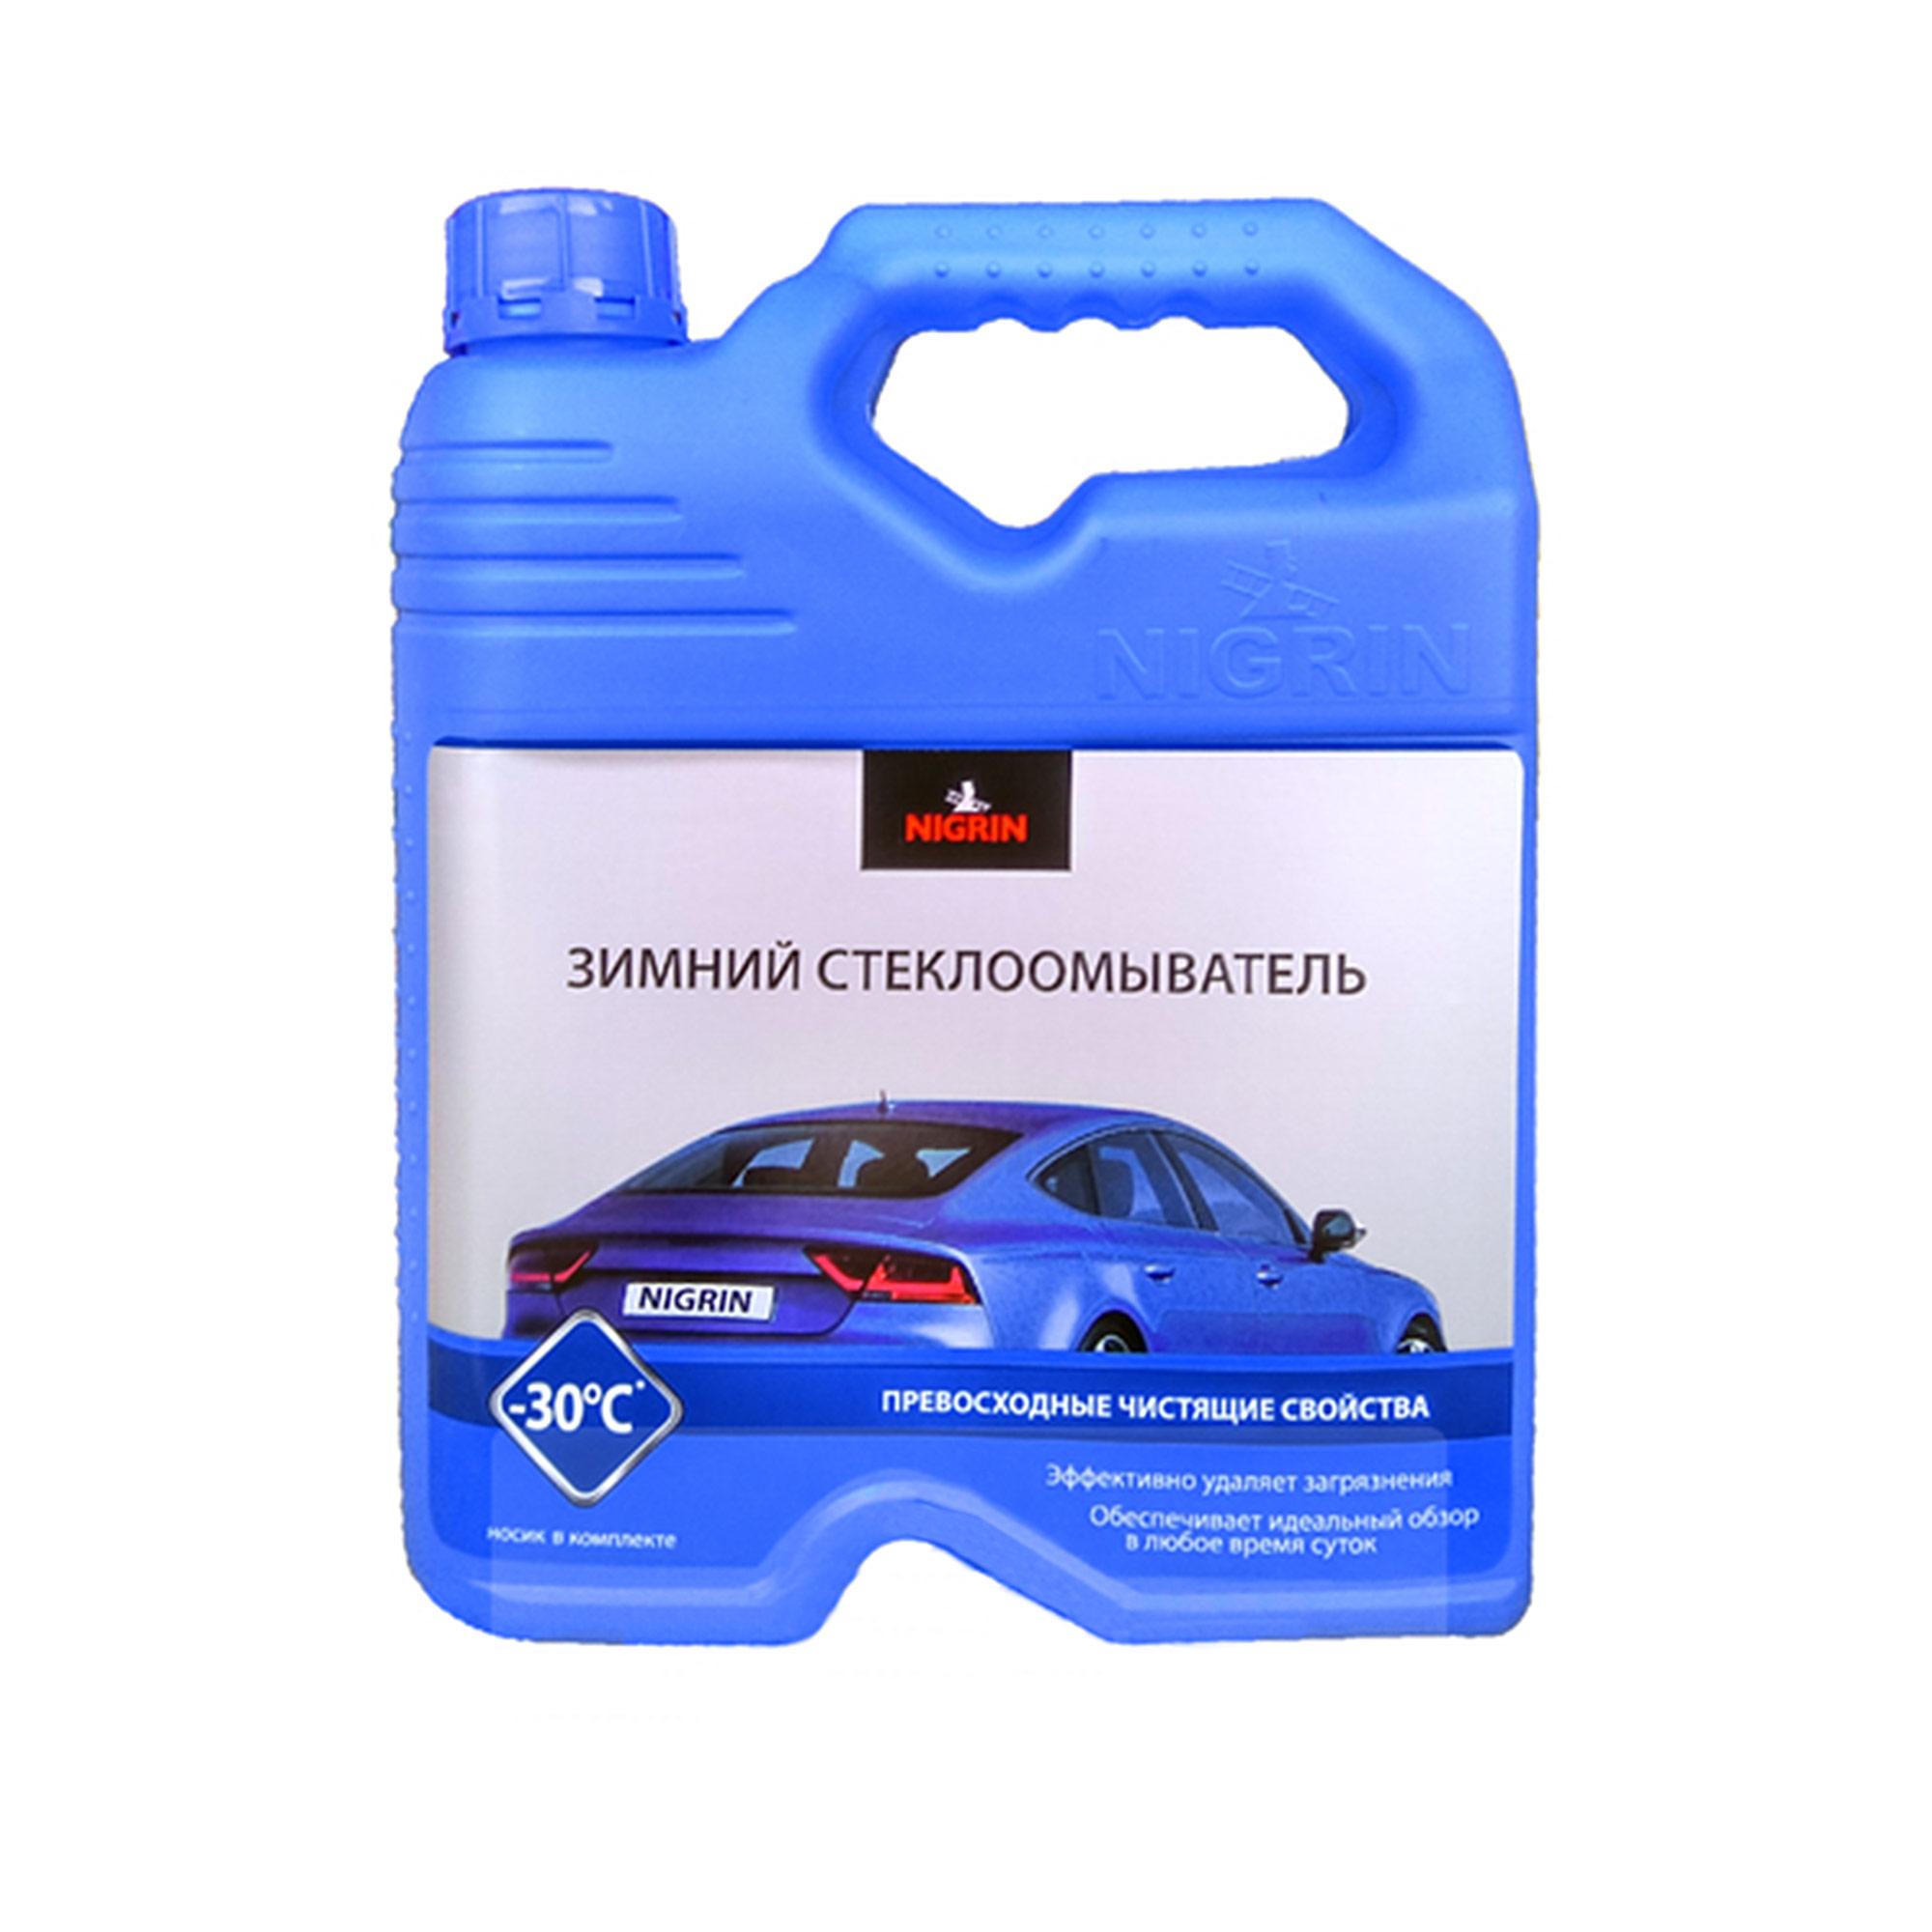 Незамерзающая жидкость NIGRIN NIG4W30 до -30°C 4 литра